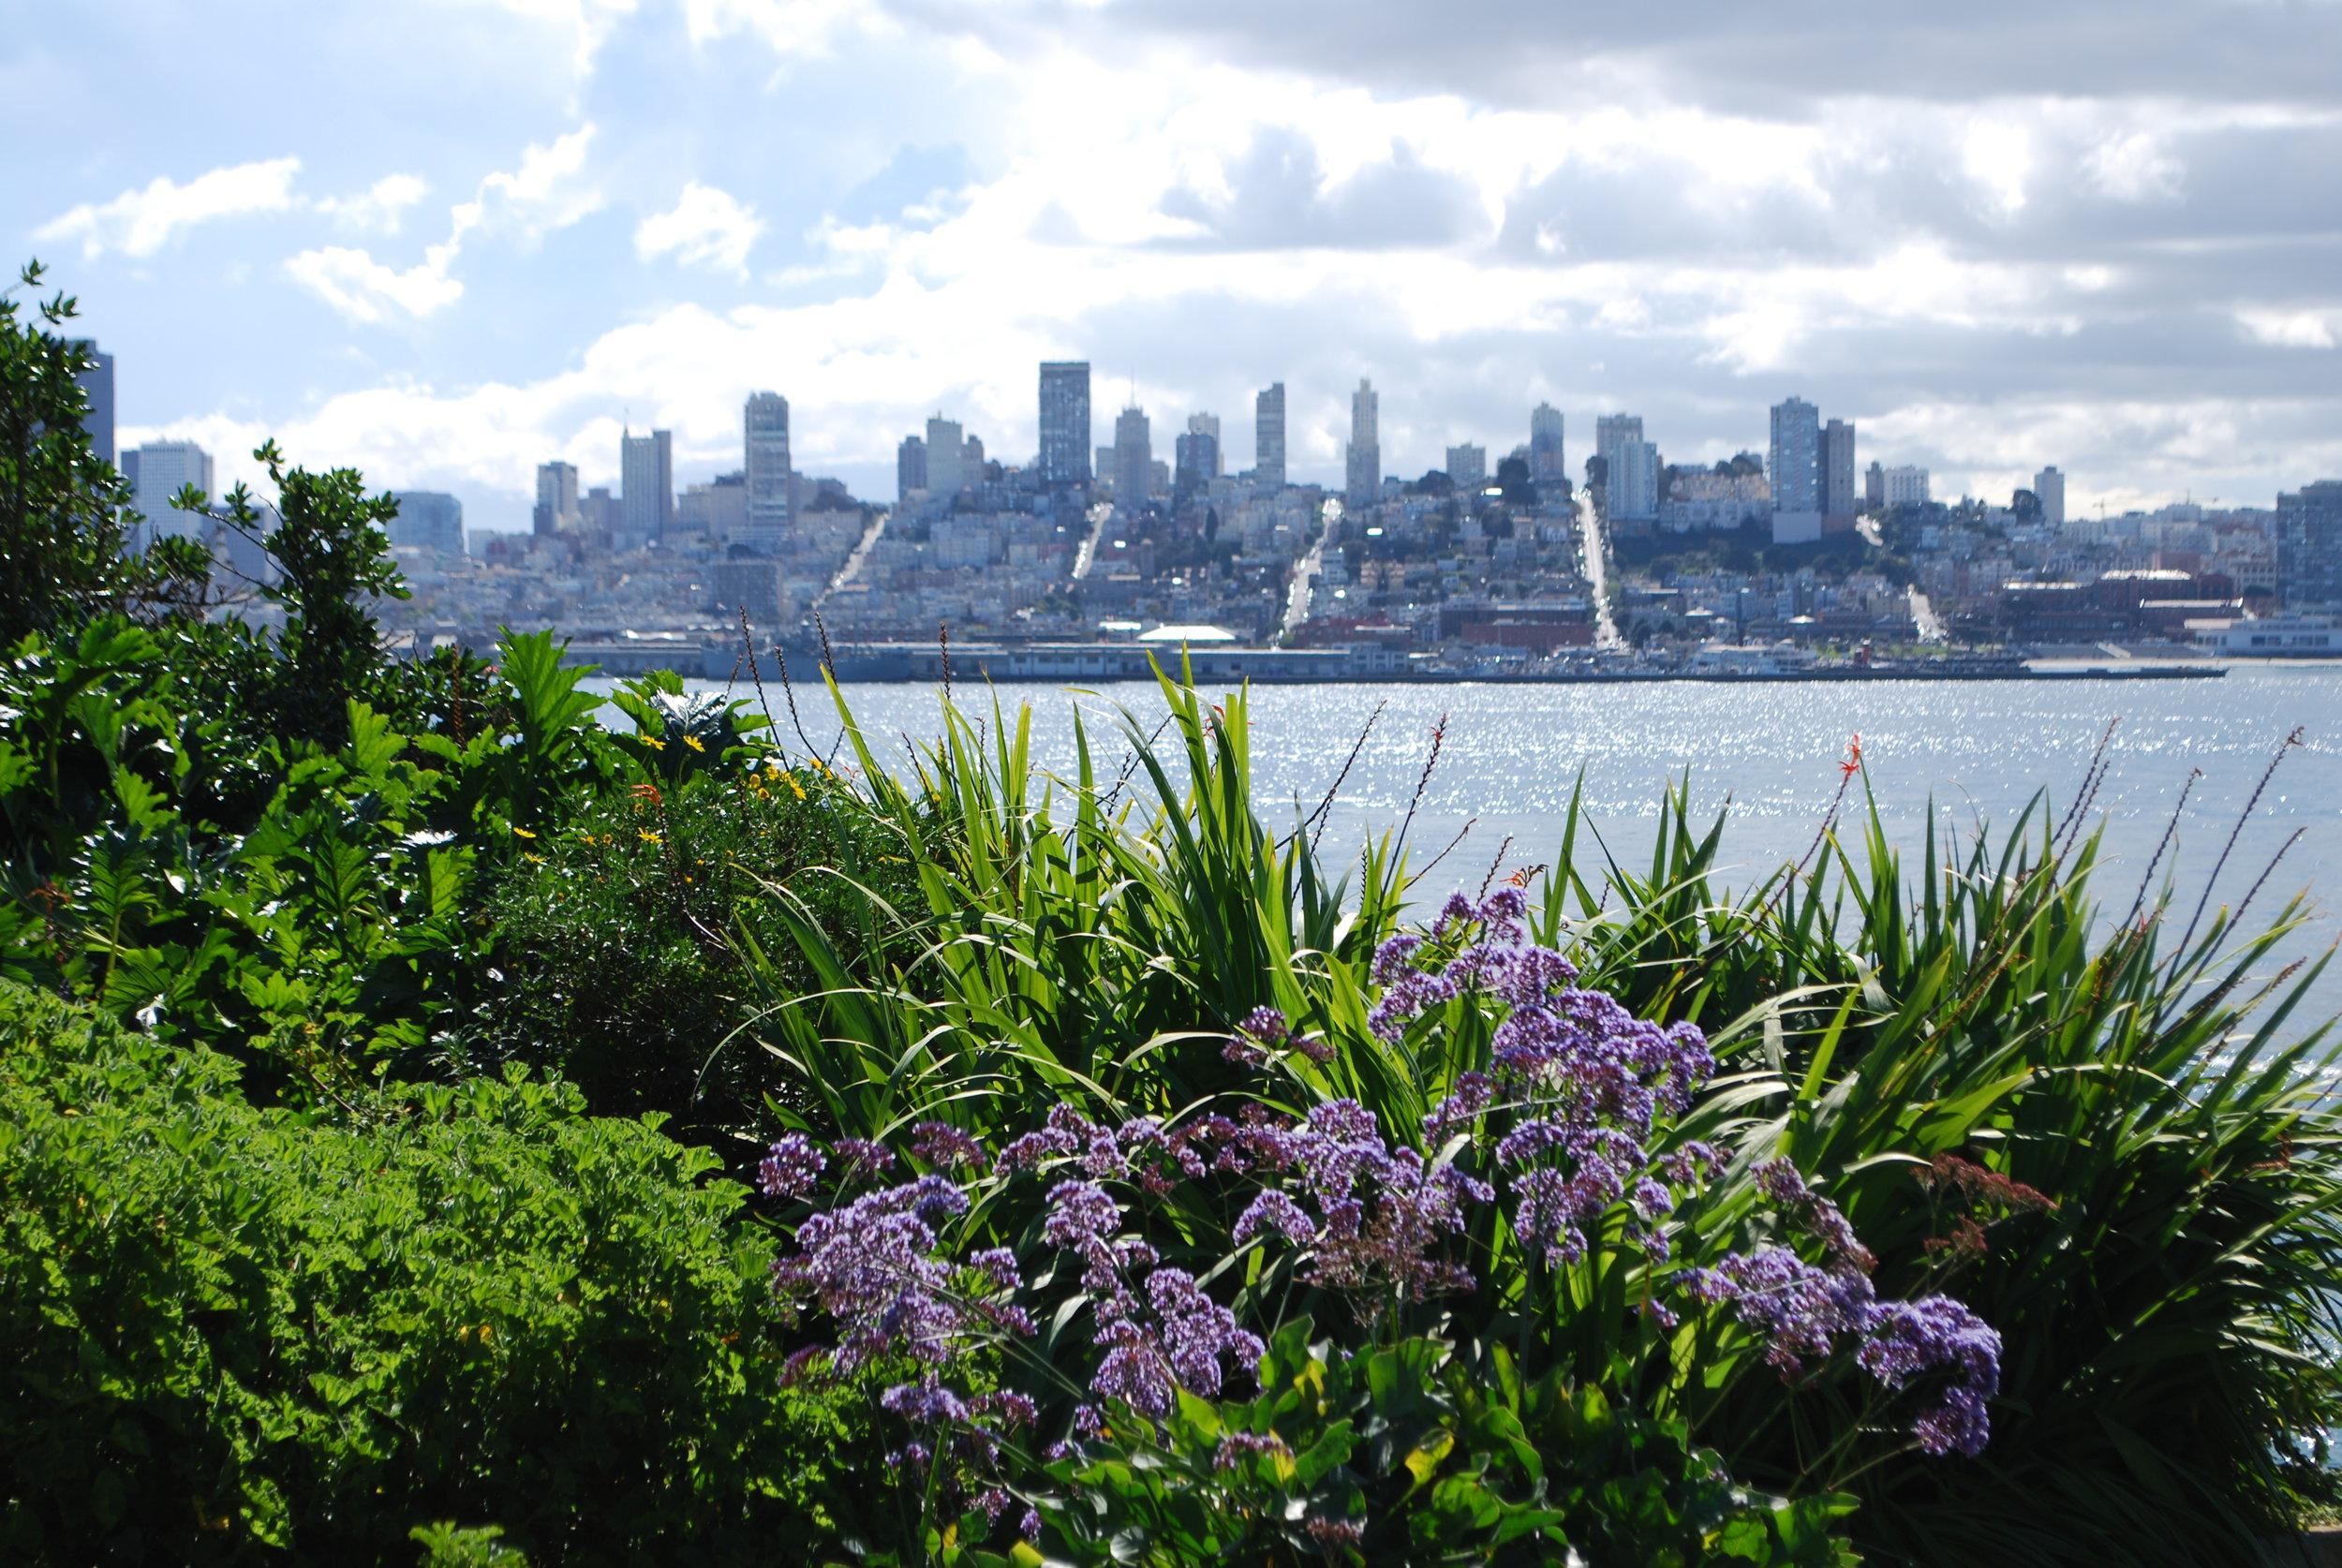 San Francisco from Alcatraz Island, California